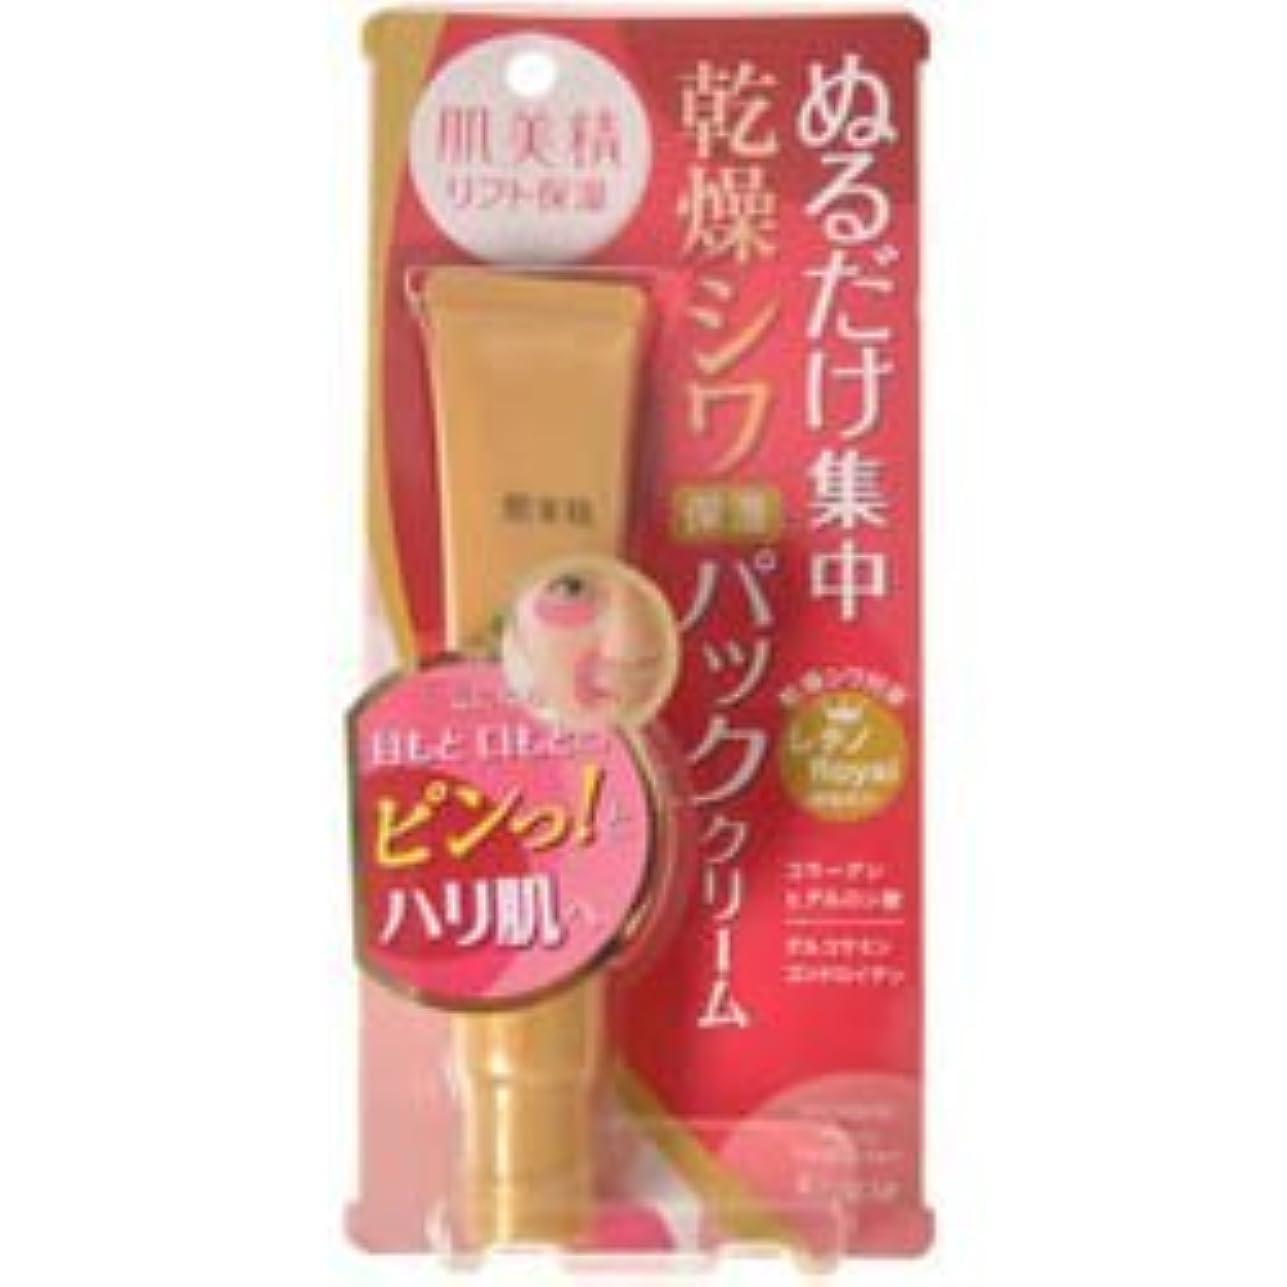 針社会学出撃者【クラシエ】肌美精 リフト保湿リンクルパッククリーム 30g ×5個セット